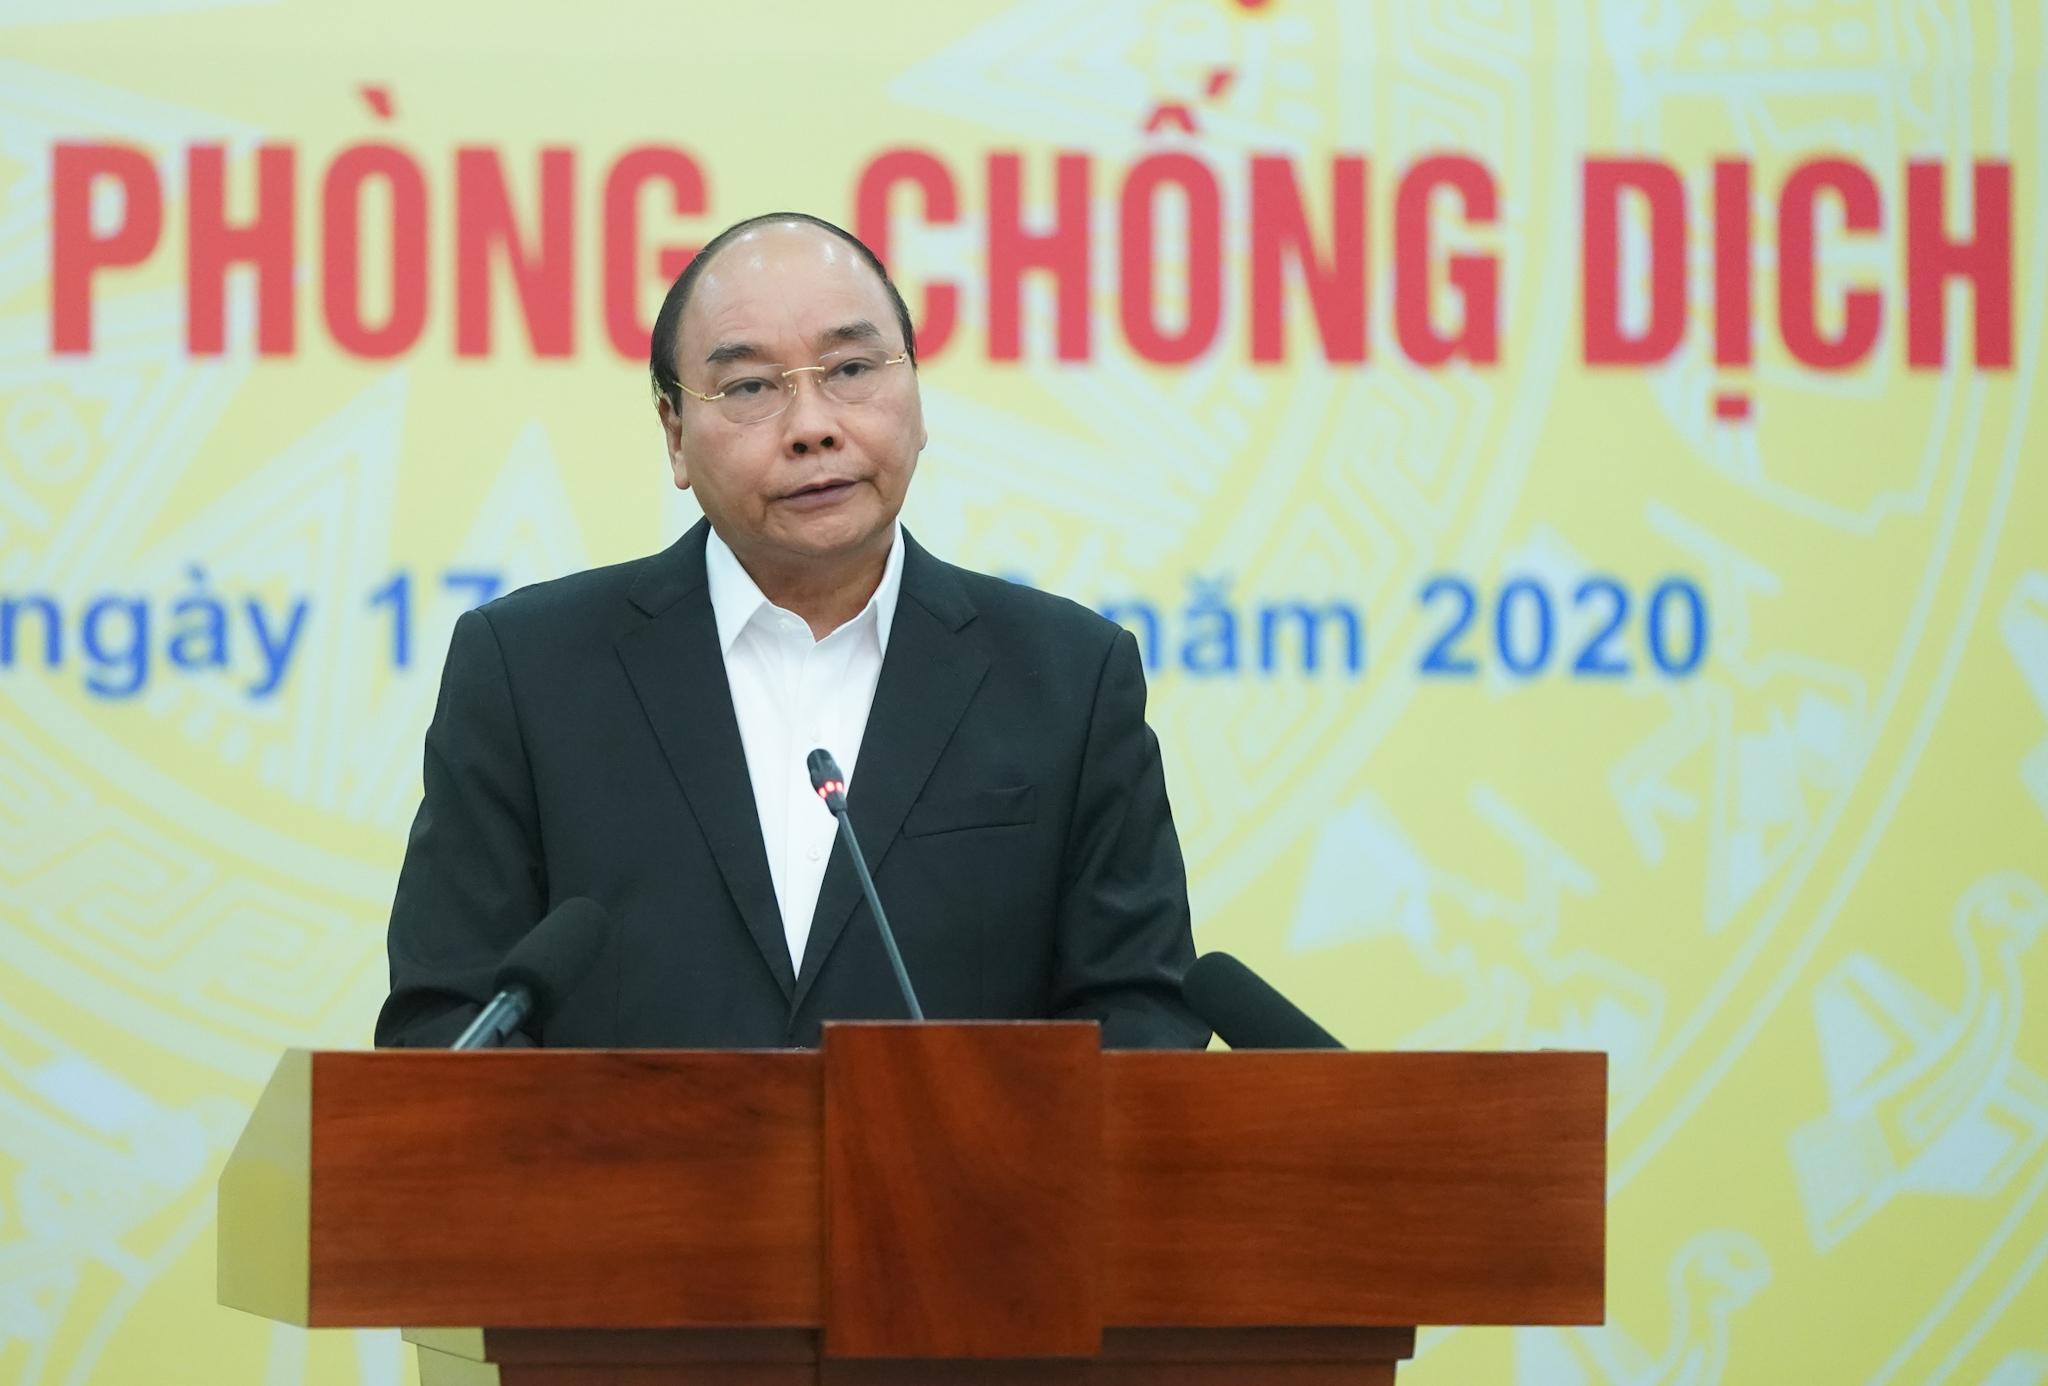 Thủ tướng Nguyễn Xuân Phúc phát biểu tại lễ phát động - Ảnh: VGP/Quang Hiếu